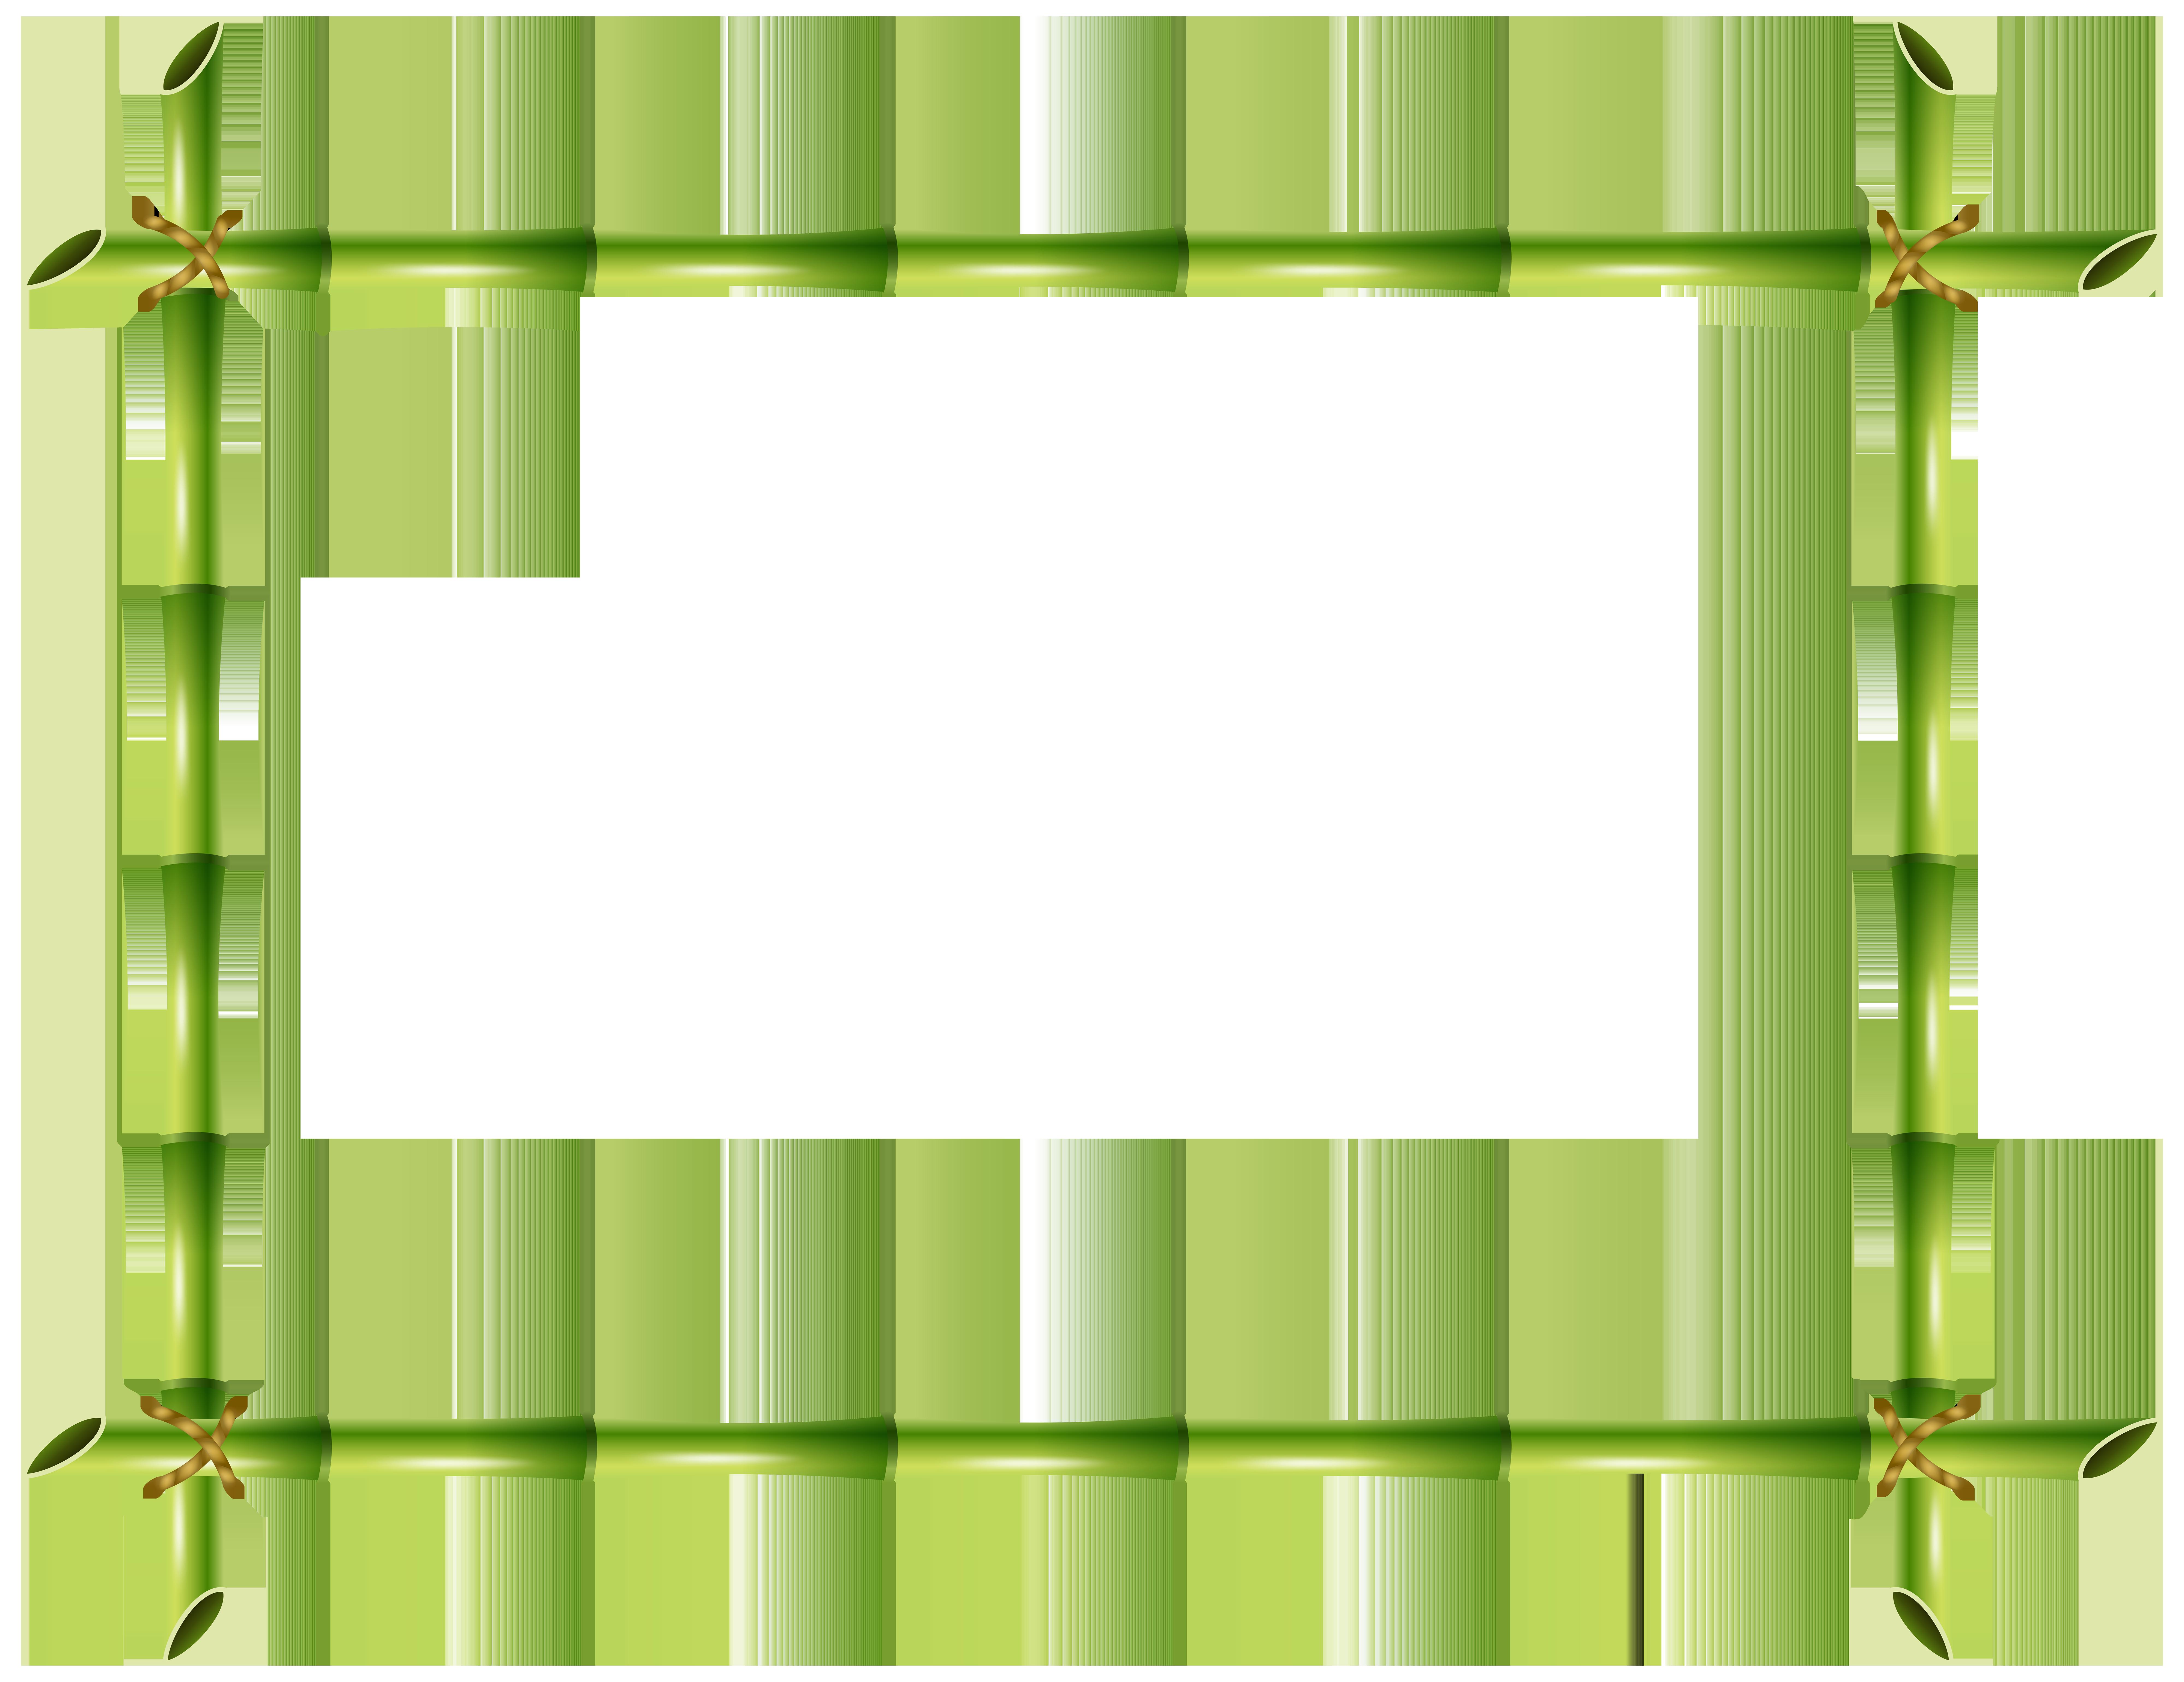 8000x6163 Bamboo Frame Png Transparent Clip Art Imageu200b Gallery